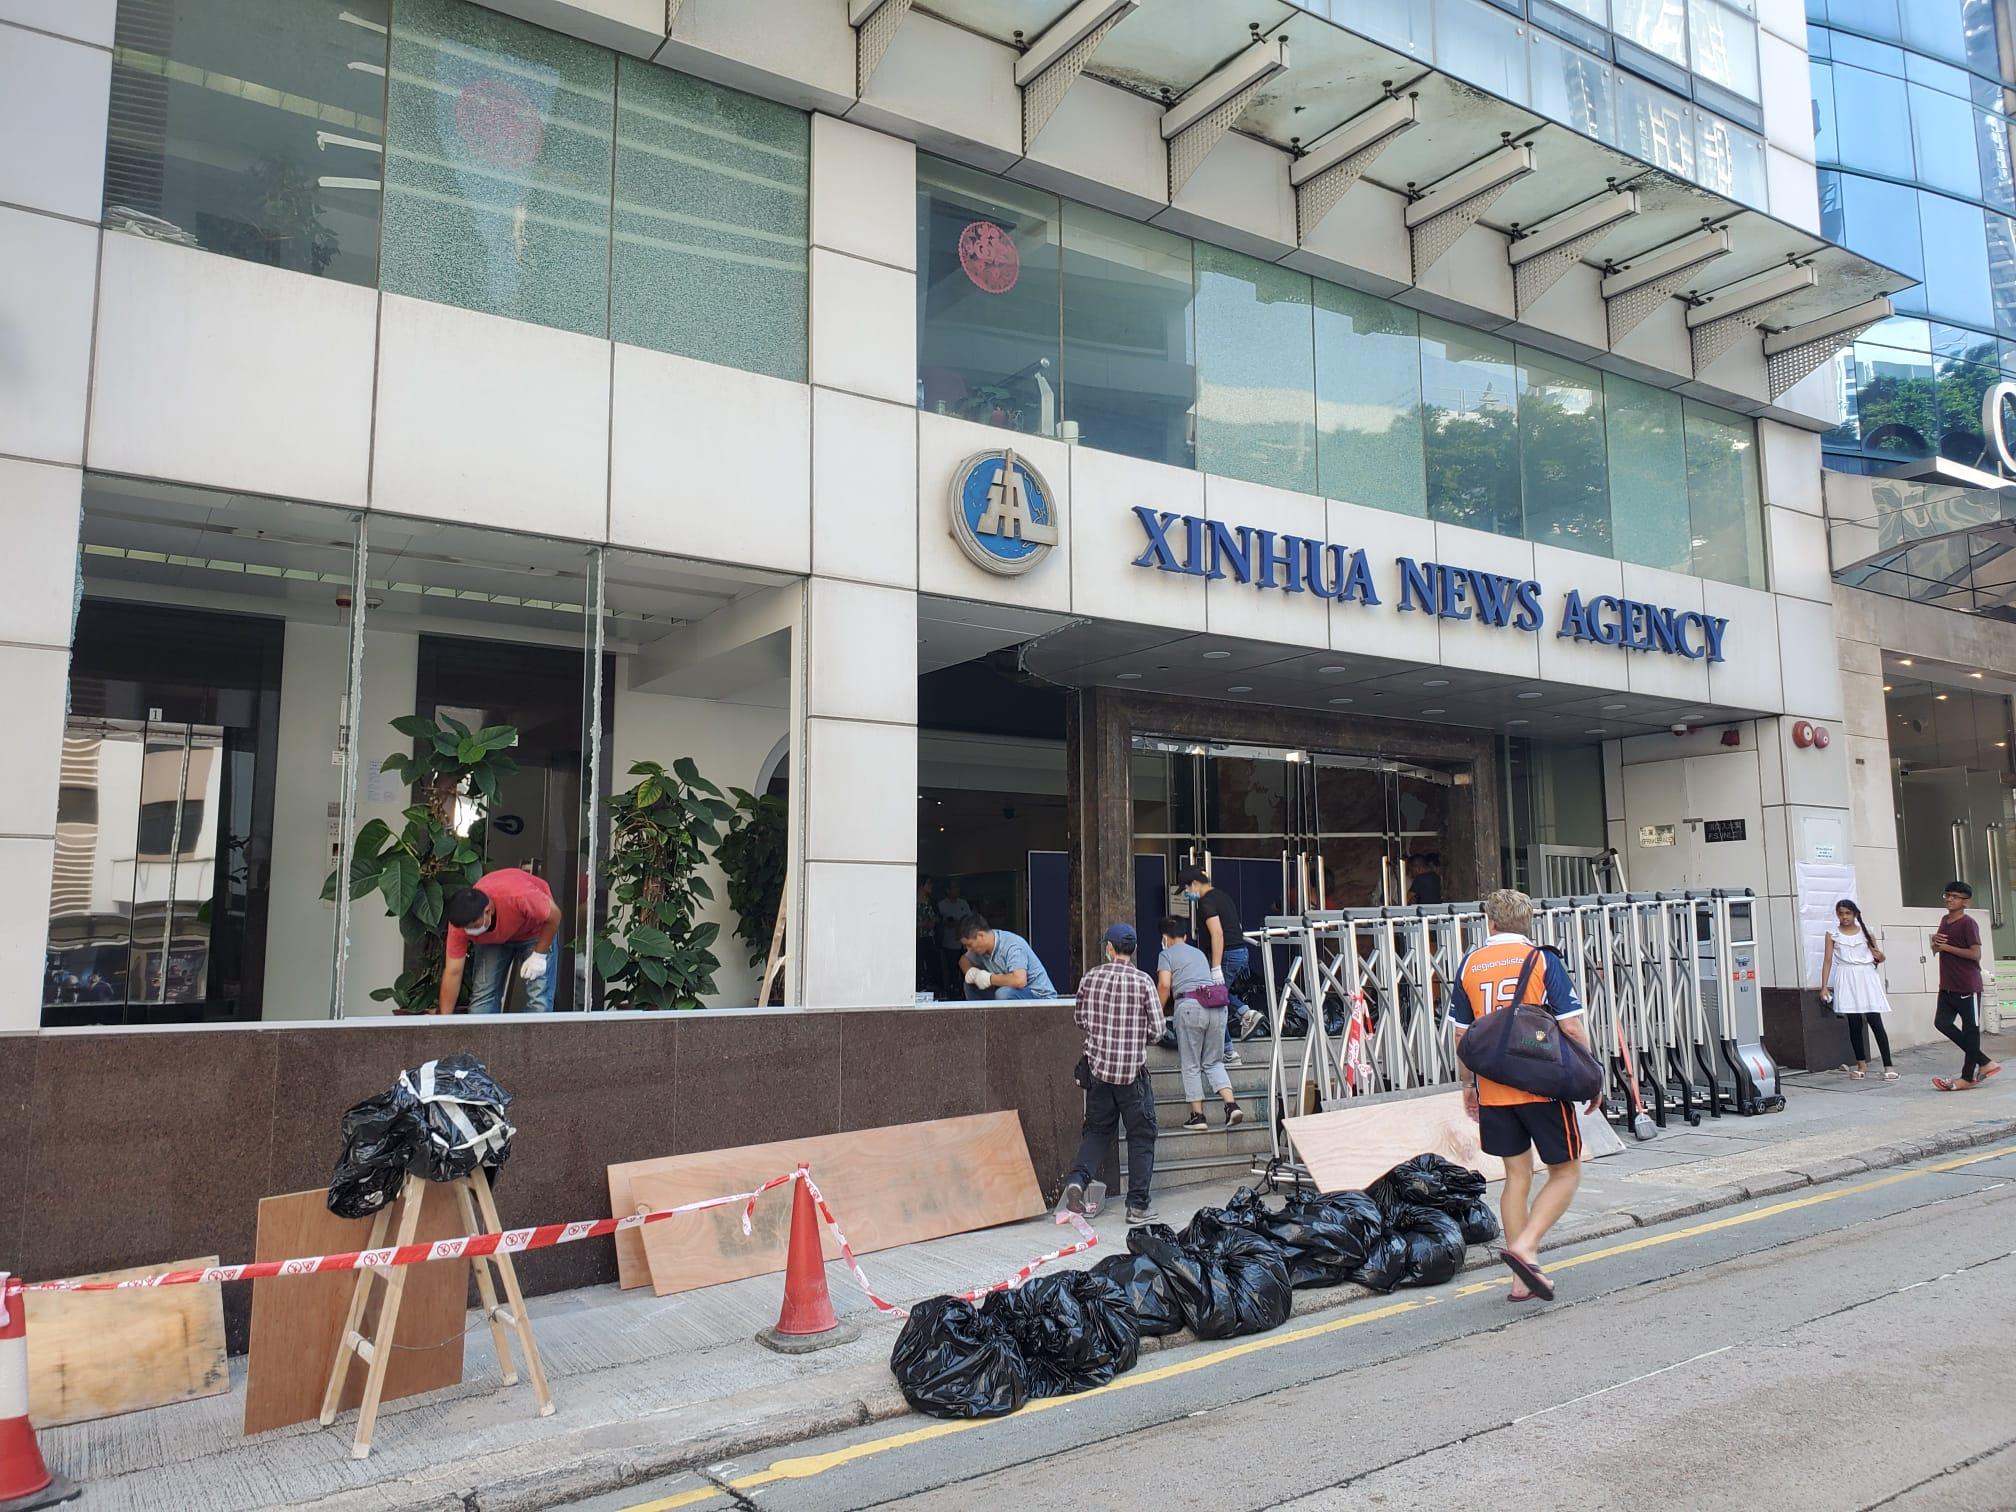 工作人員在灣仔的新華社亞太總分社辦公大樓進行清理工作。